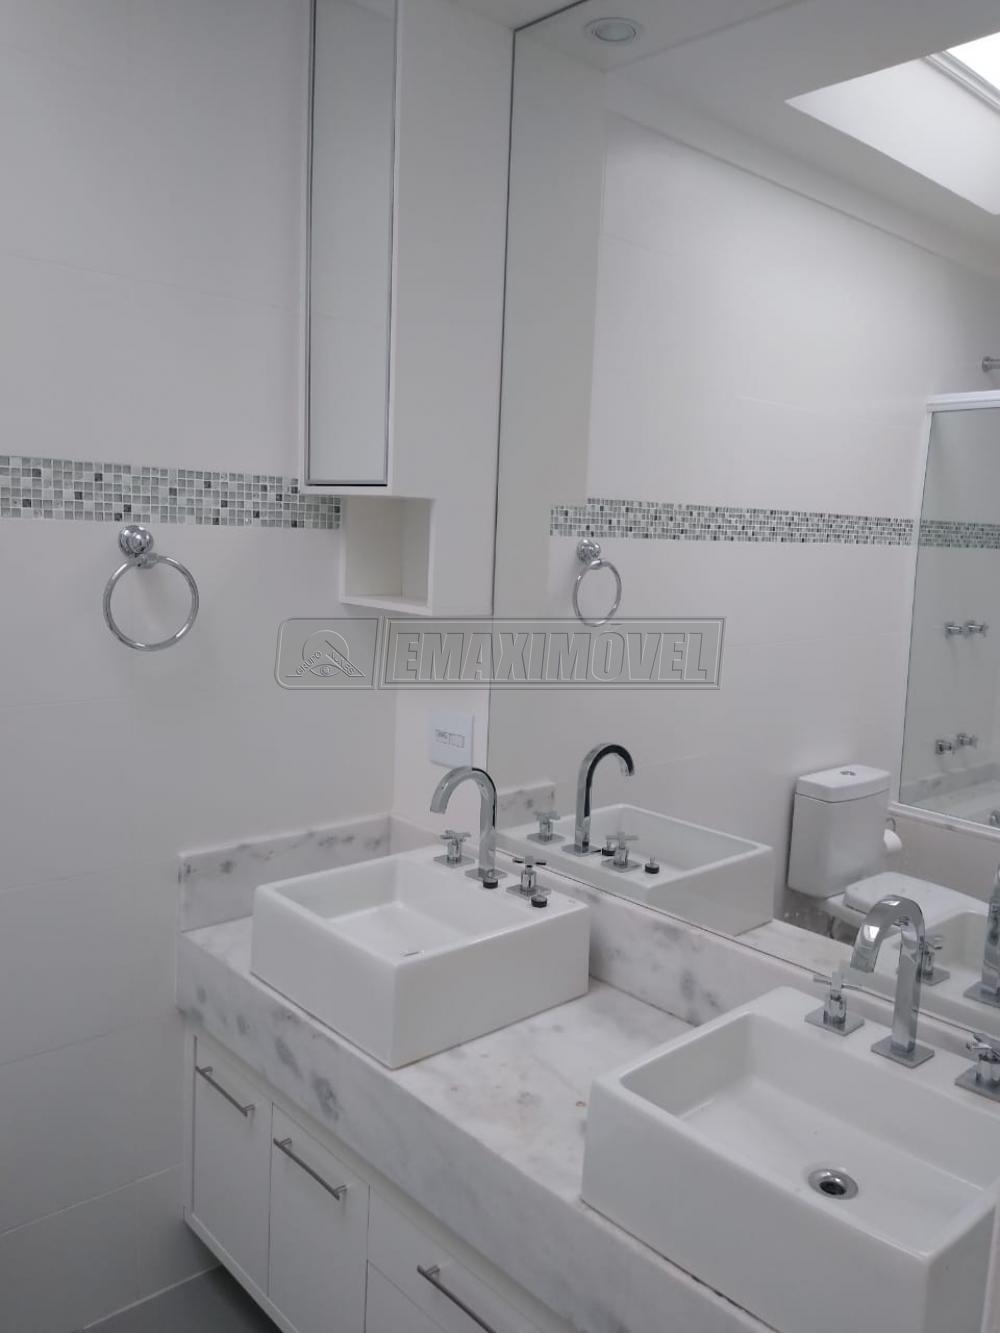 Comprar Apartamento / Padrão em Sorocaba R$ 1.166.000,00 - Foto 25